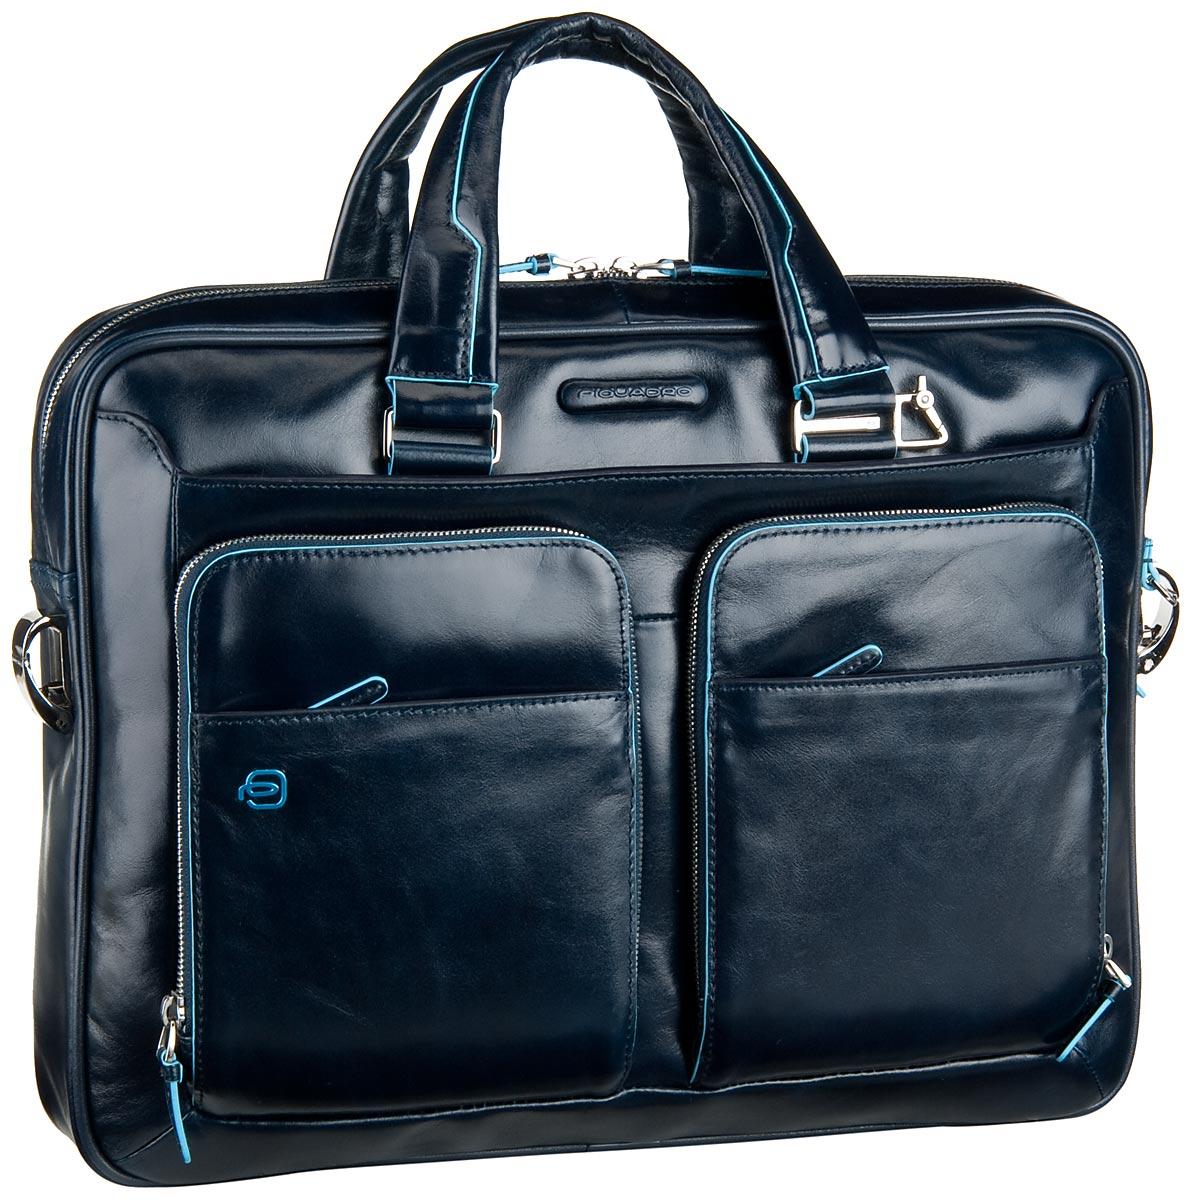 Businesstaschen für Frauen - Piquadro Blue Square Laptoptasche Blu notte (innen Blau) Aktentasche  - Onlineshop Taschenkaufhaus